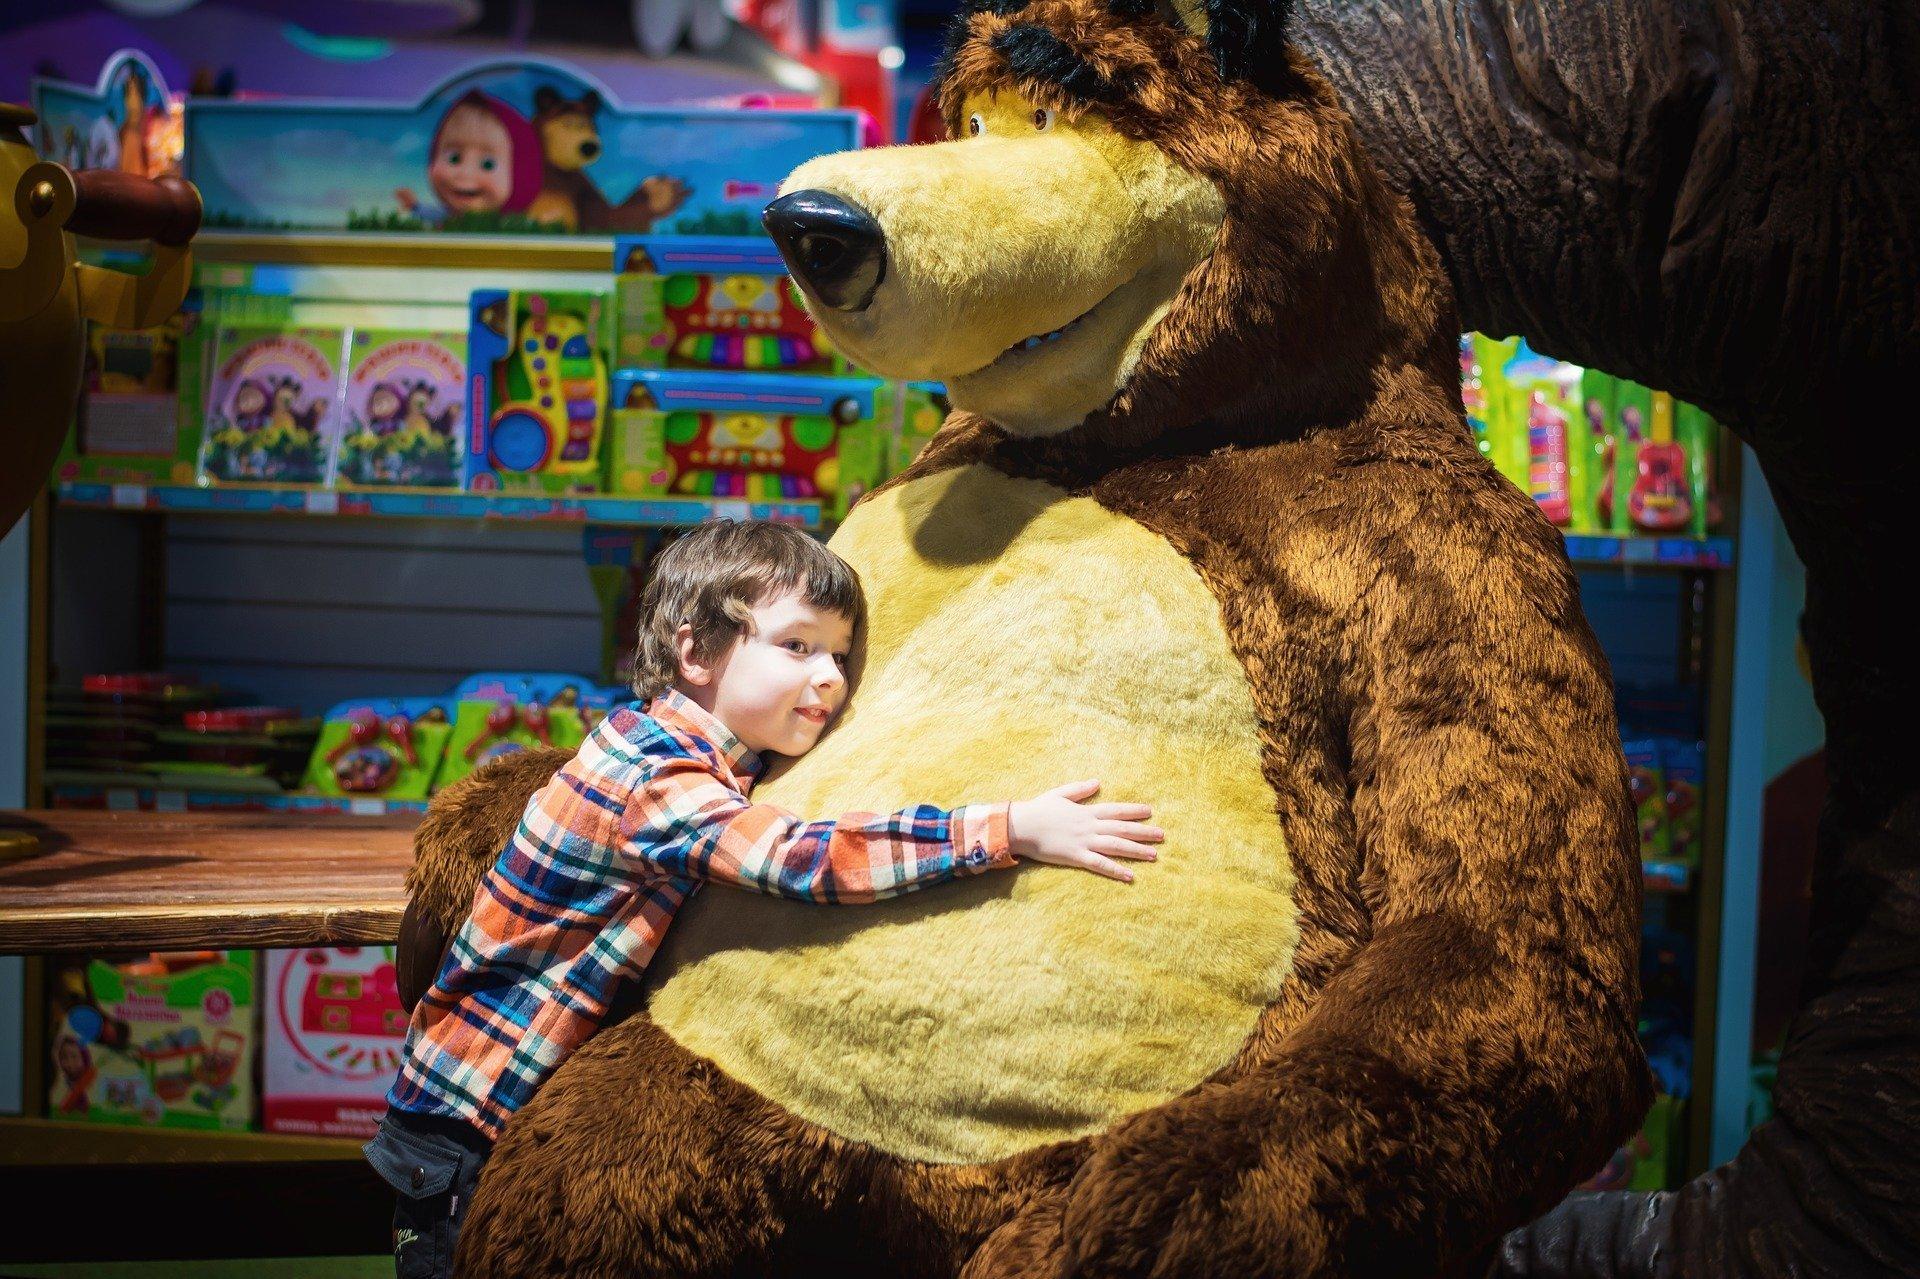 Ребенок обнимает игрушечного медведя